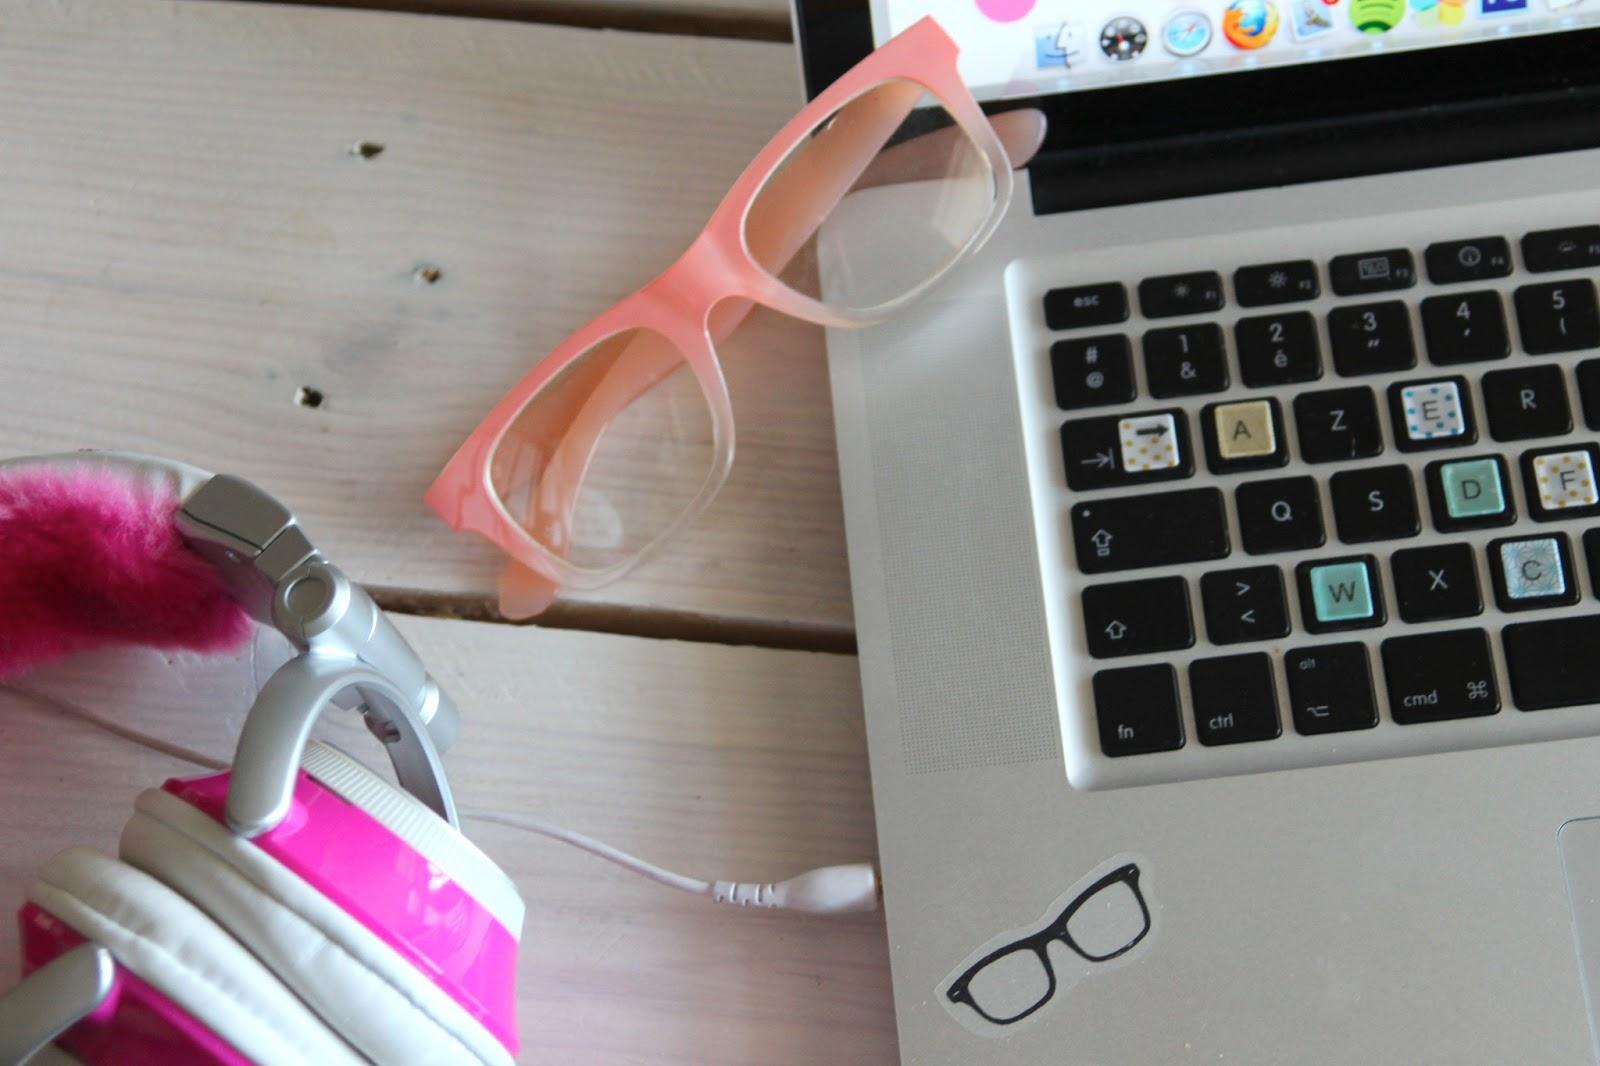 Comment faire des rencontres sans internet